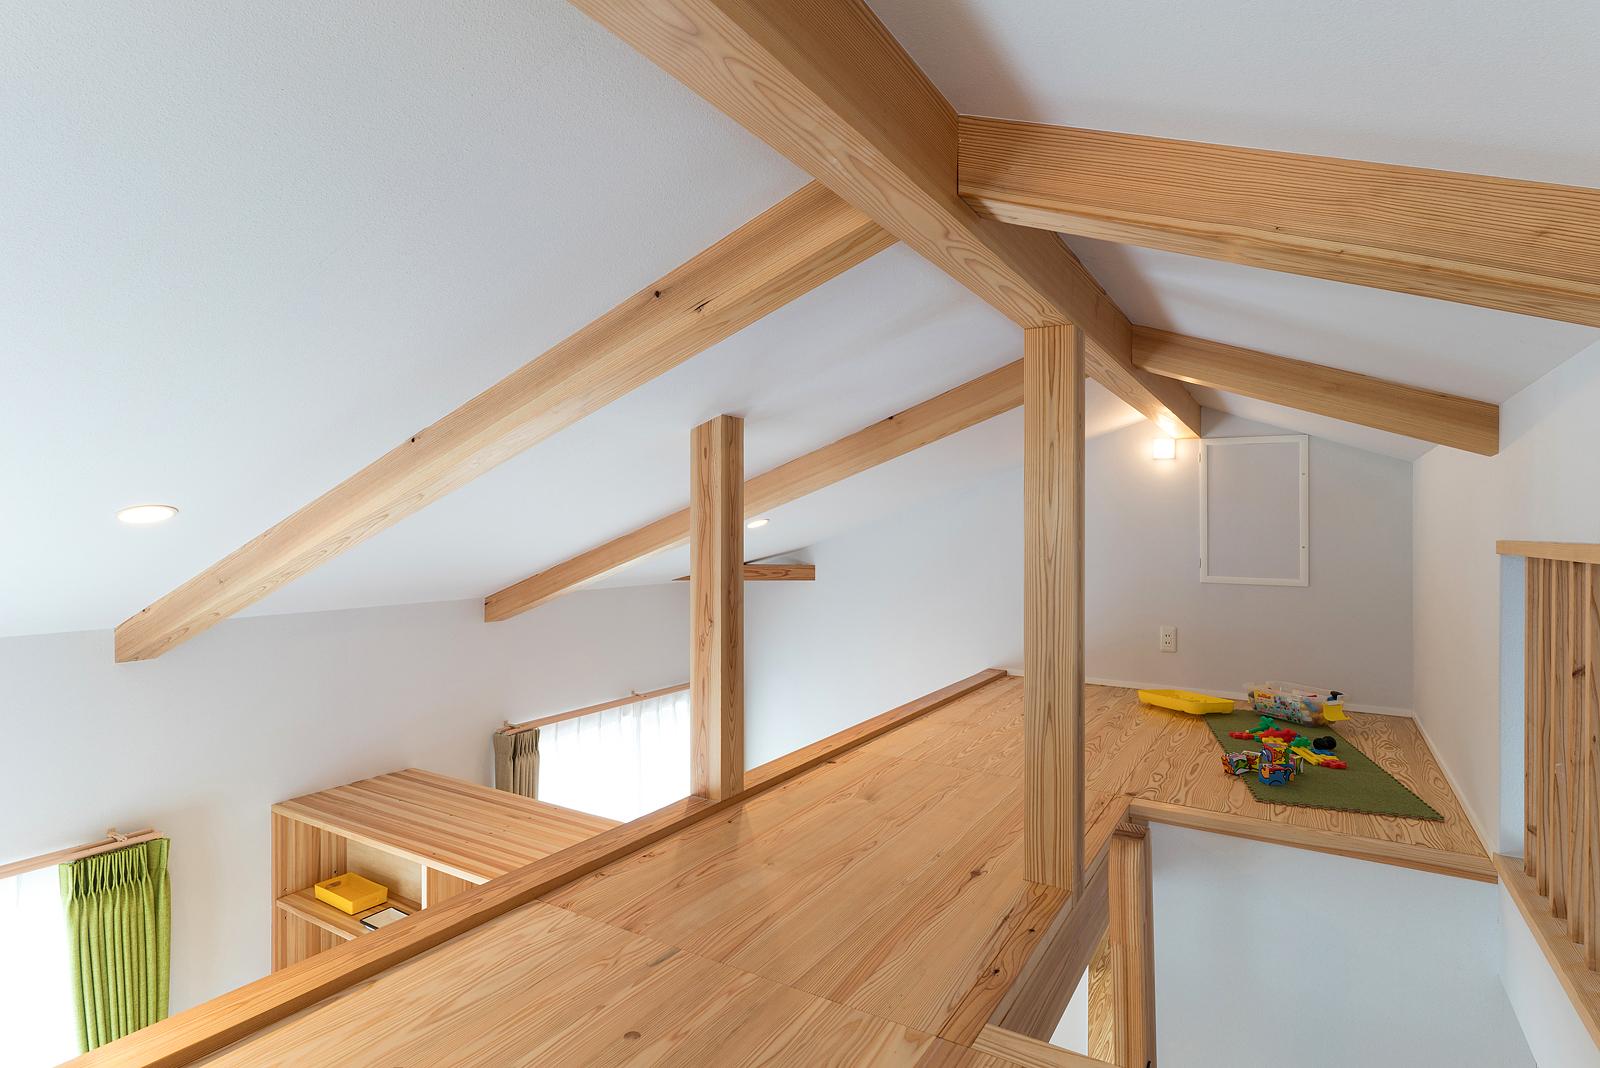 子ども部屋からハシゴで上がる屋根裏部屋。陽射しと木に包まれた広くて気持ちいい空間